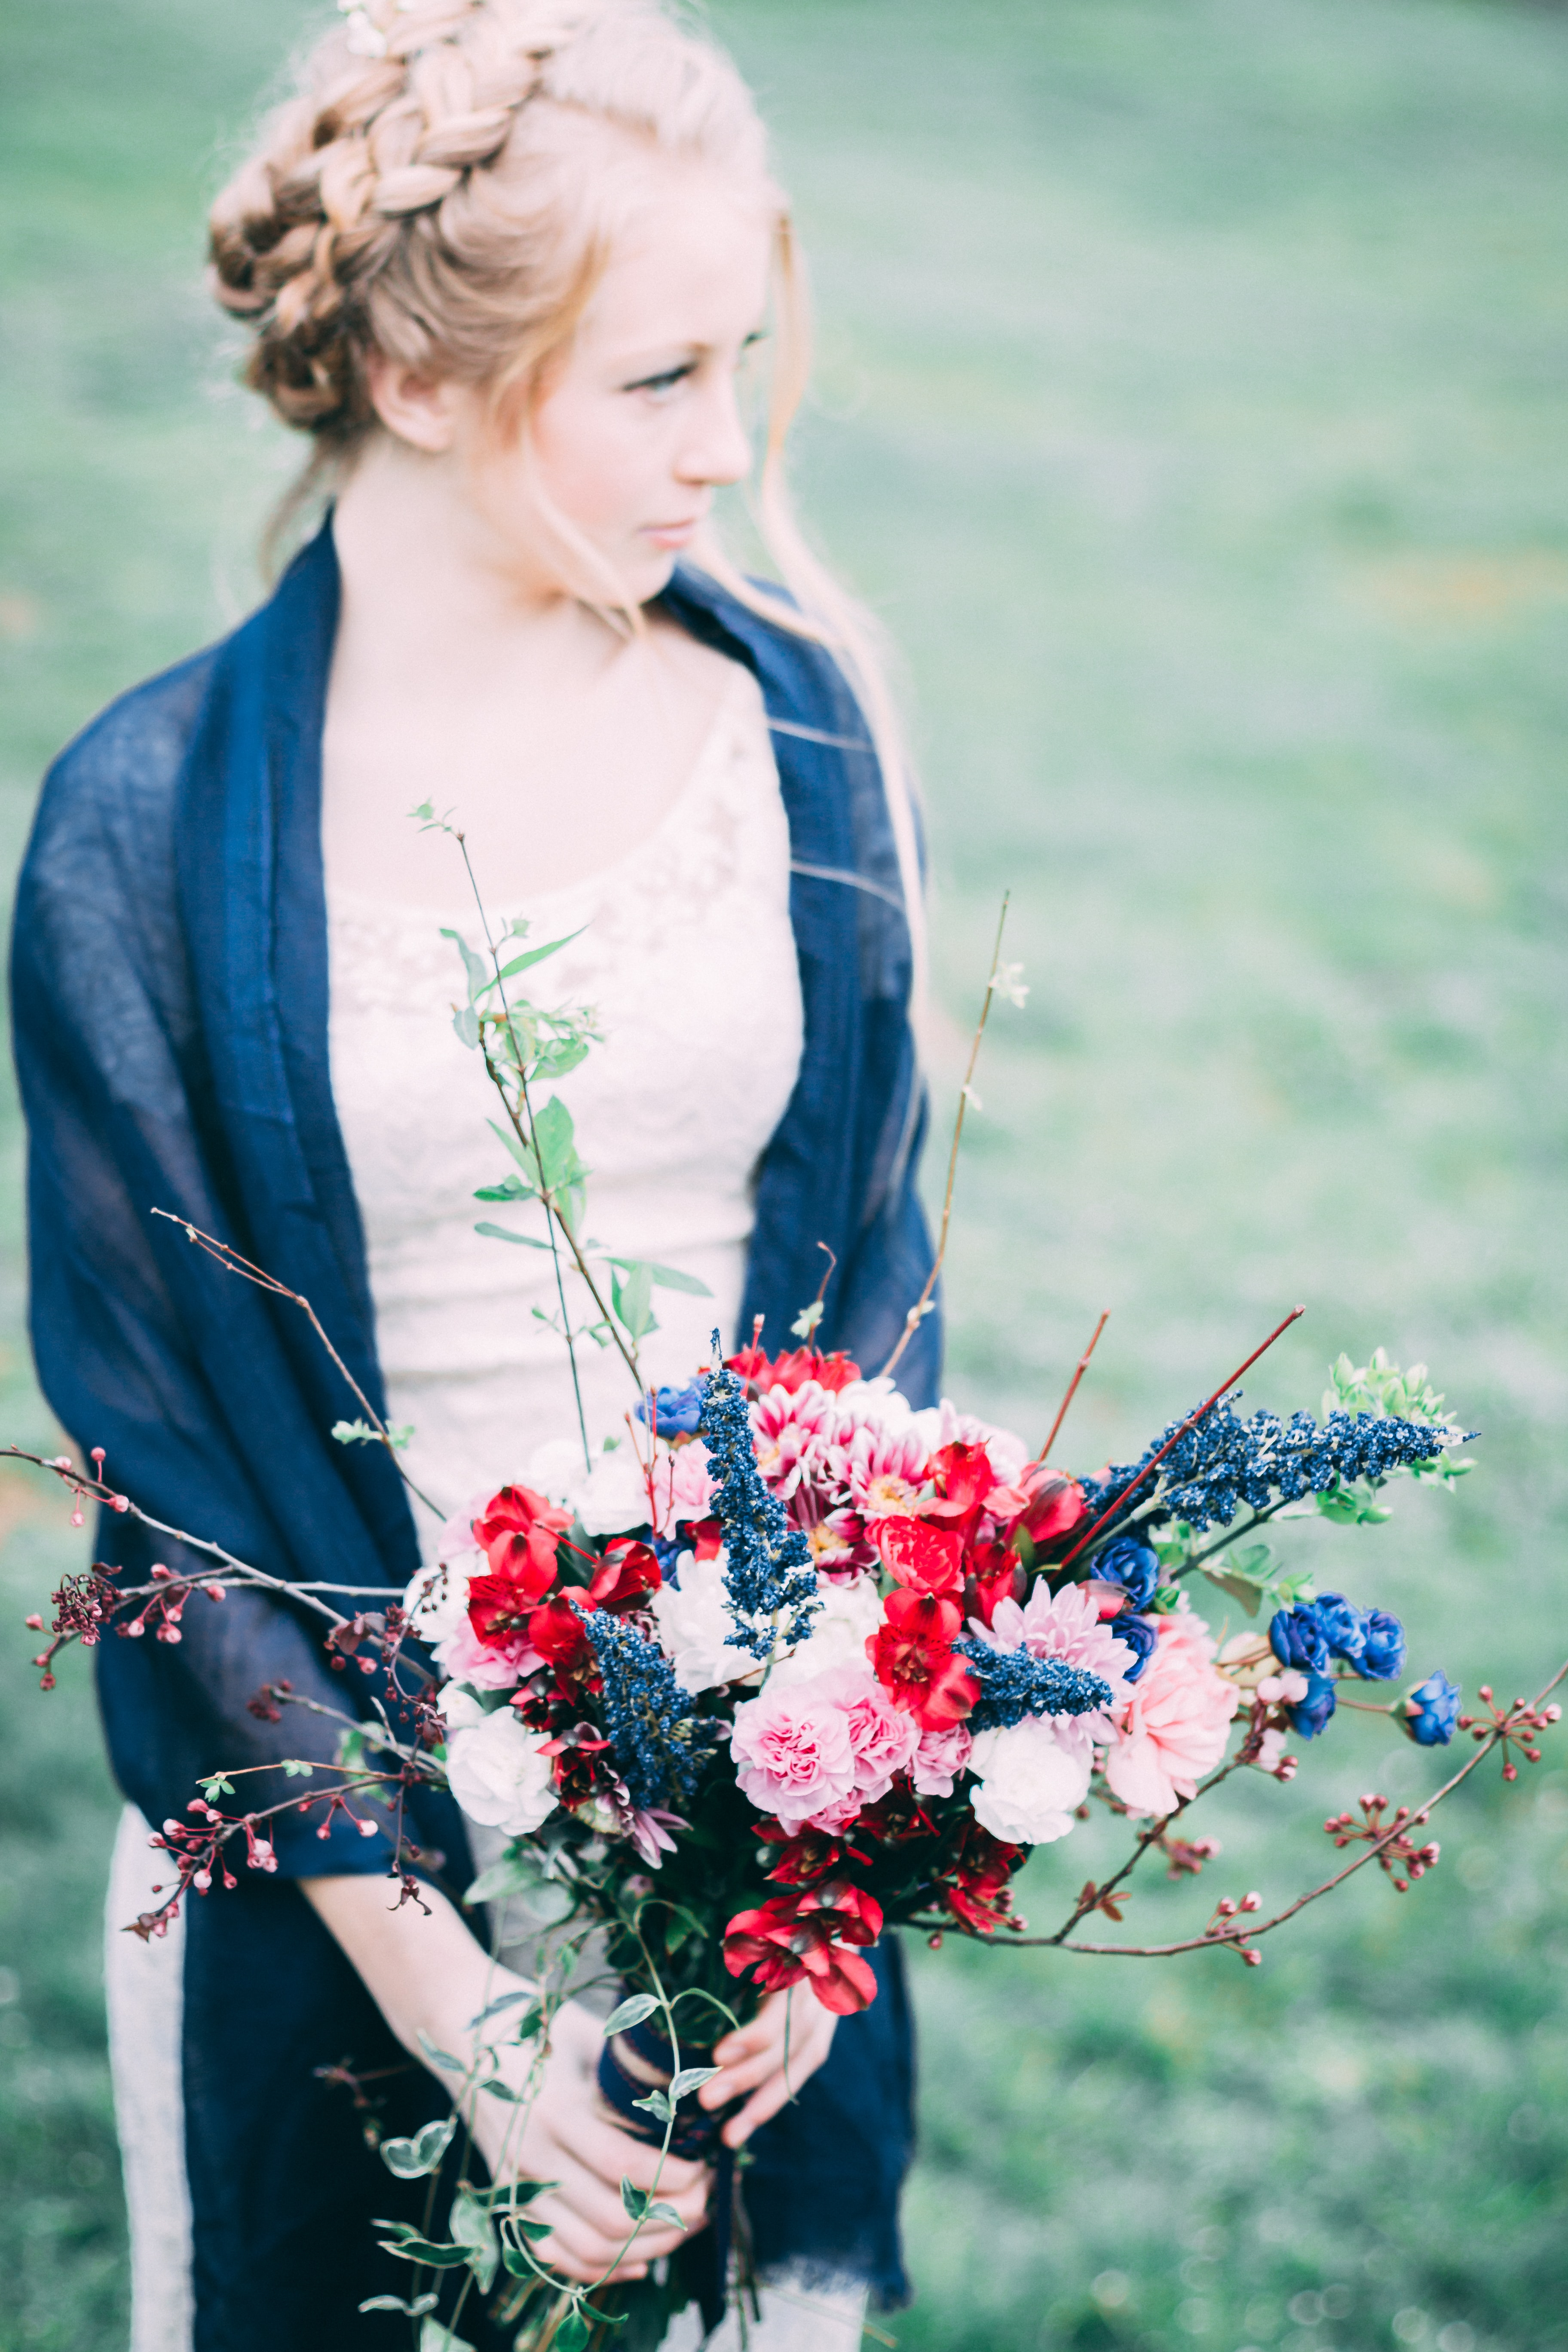 women wearing blue cardigan holding flowers